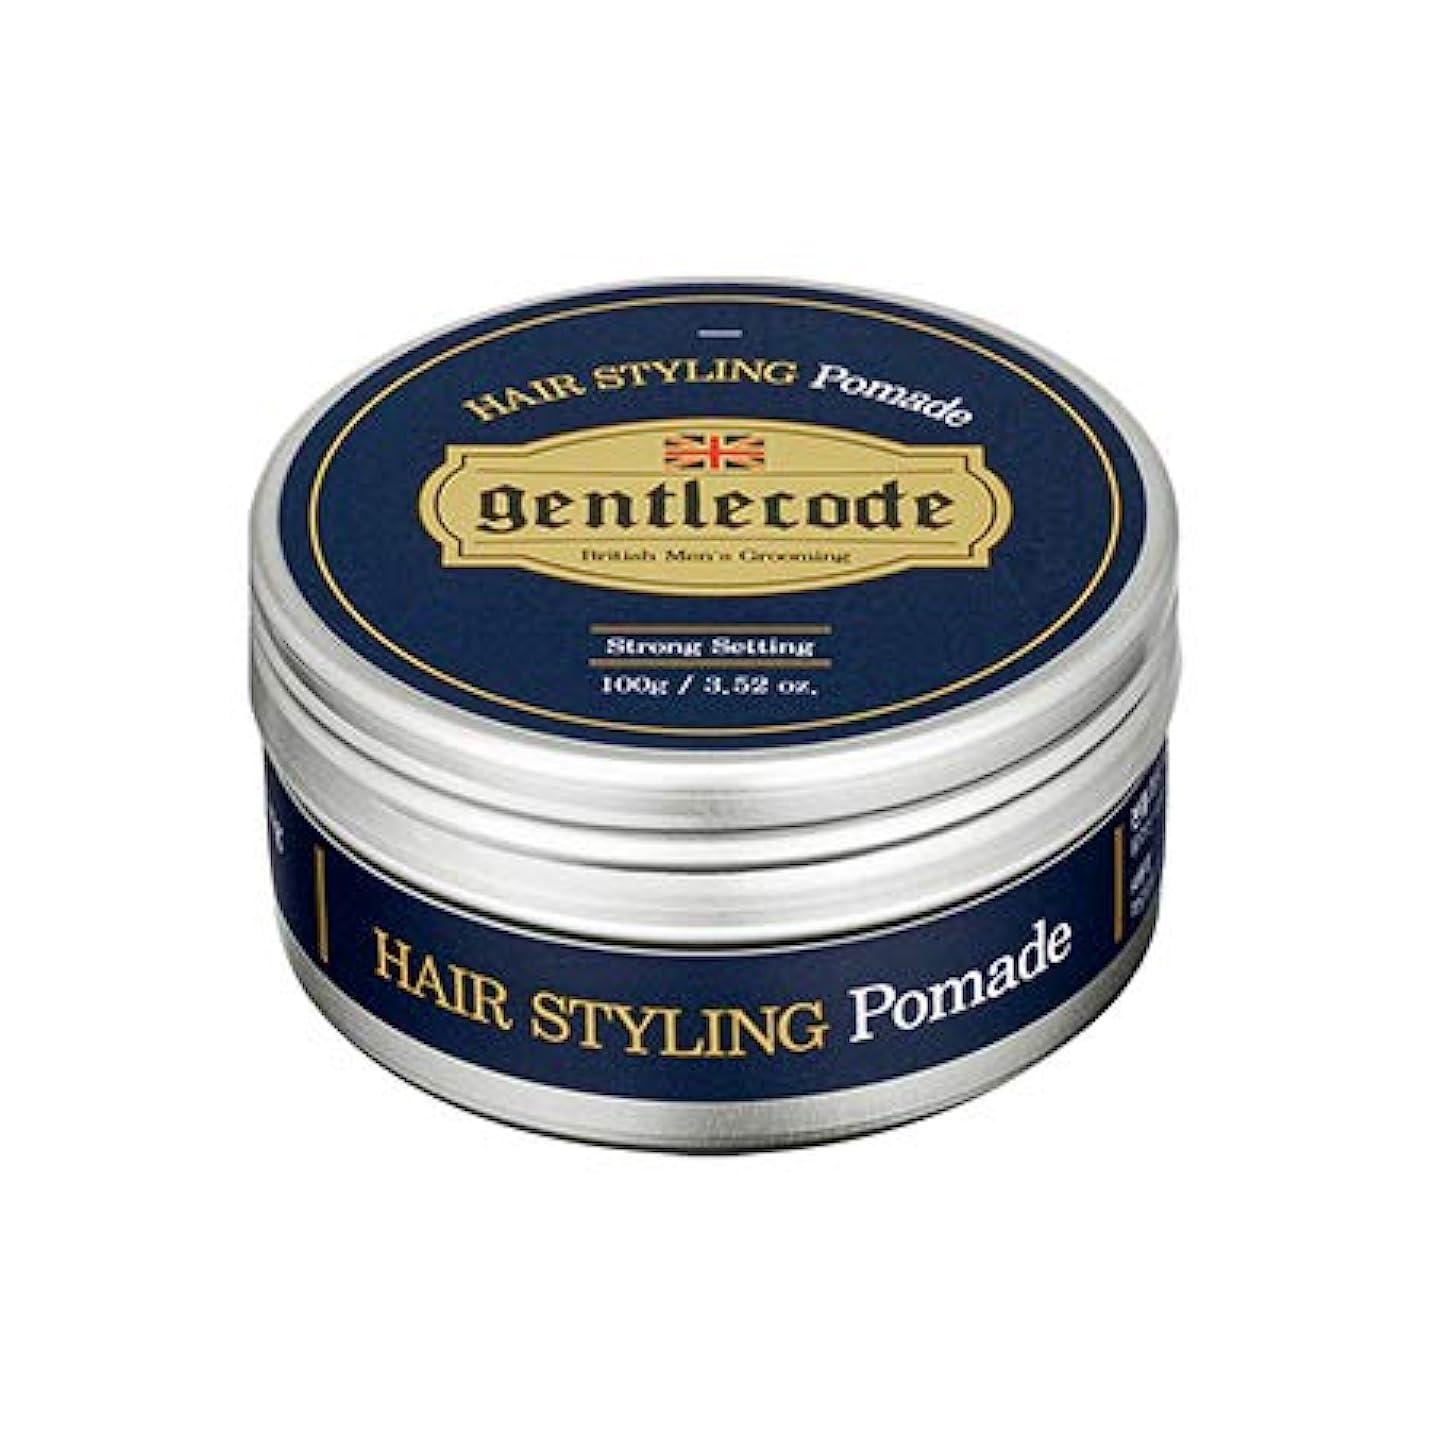 とティーム中性宇宙の【ジェントルコード.gentle code]ヘアスタイリングポマード(100ml)/ hair styling pomade